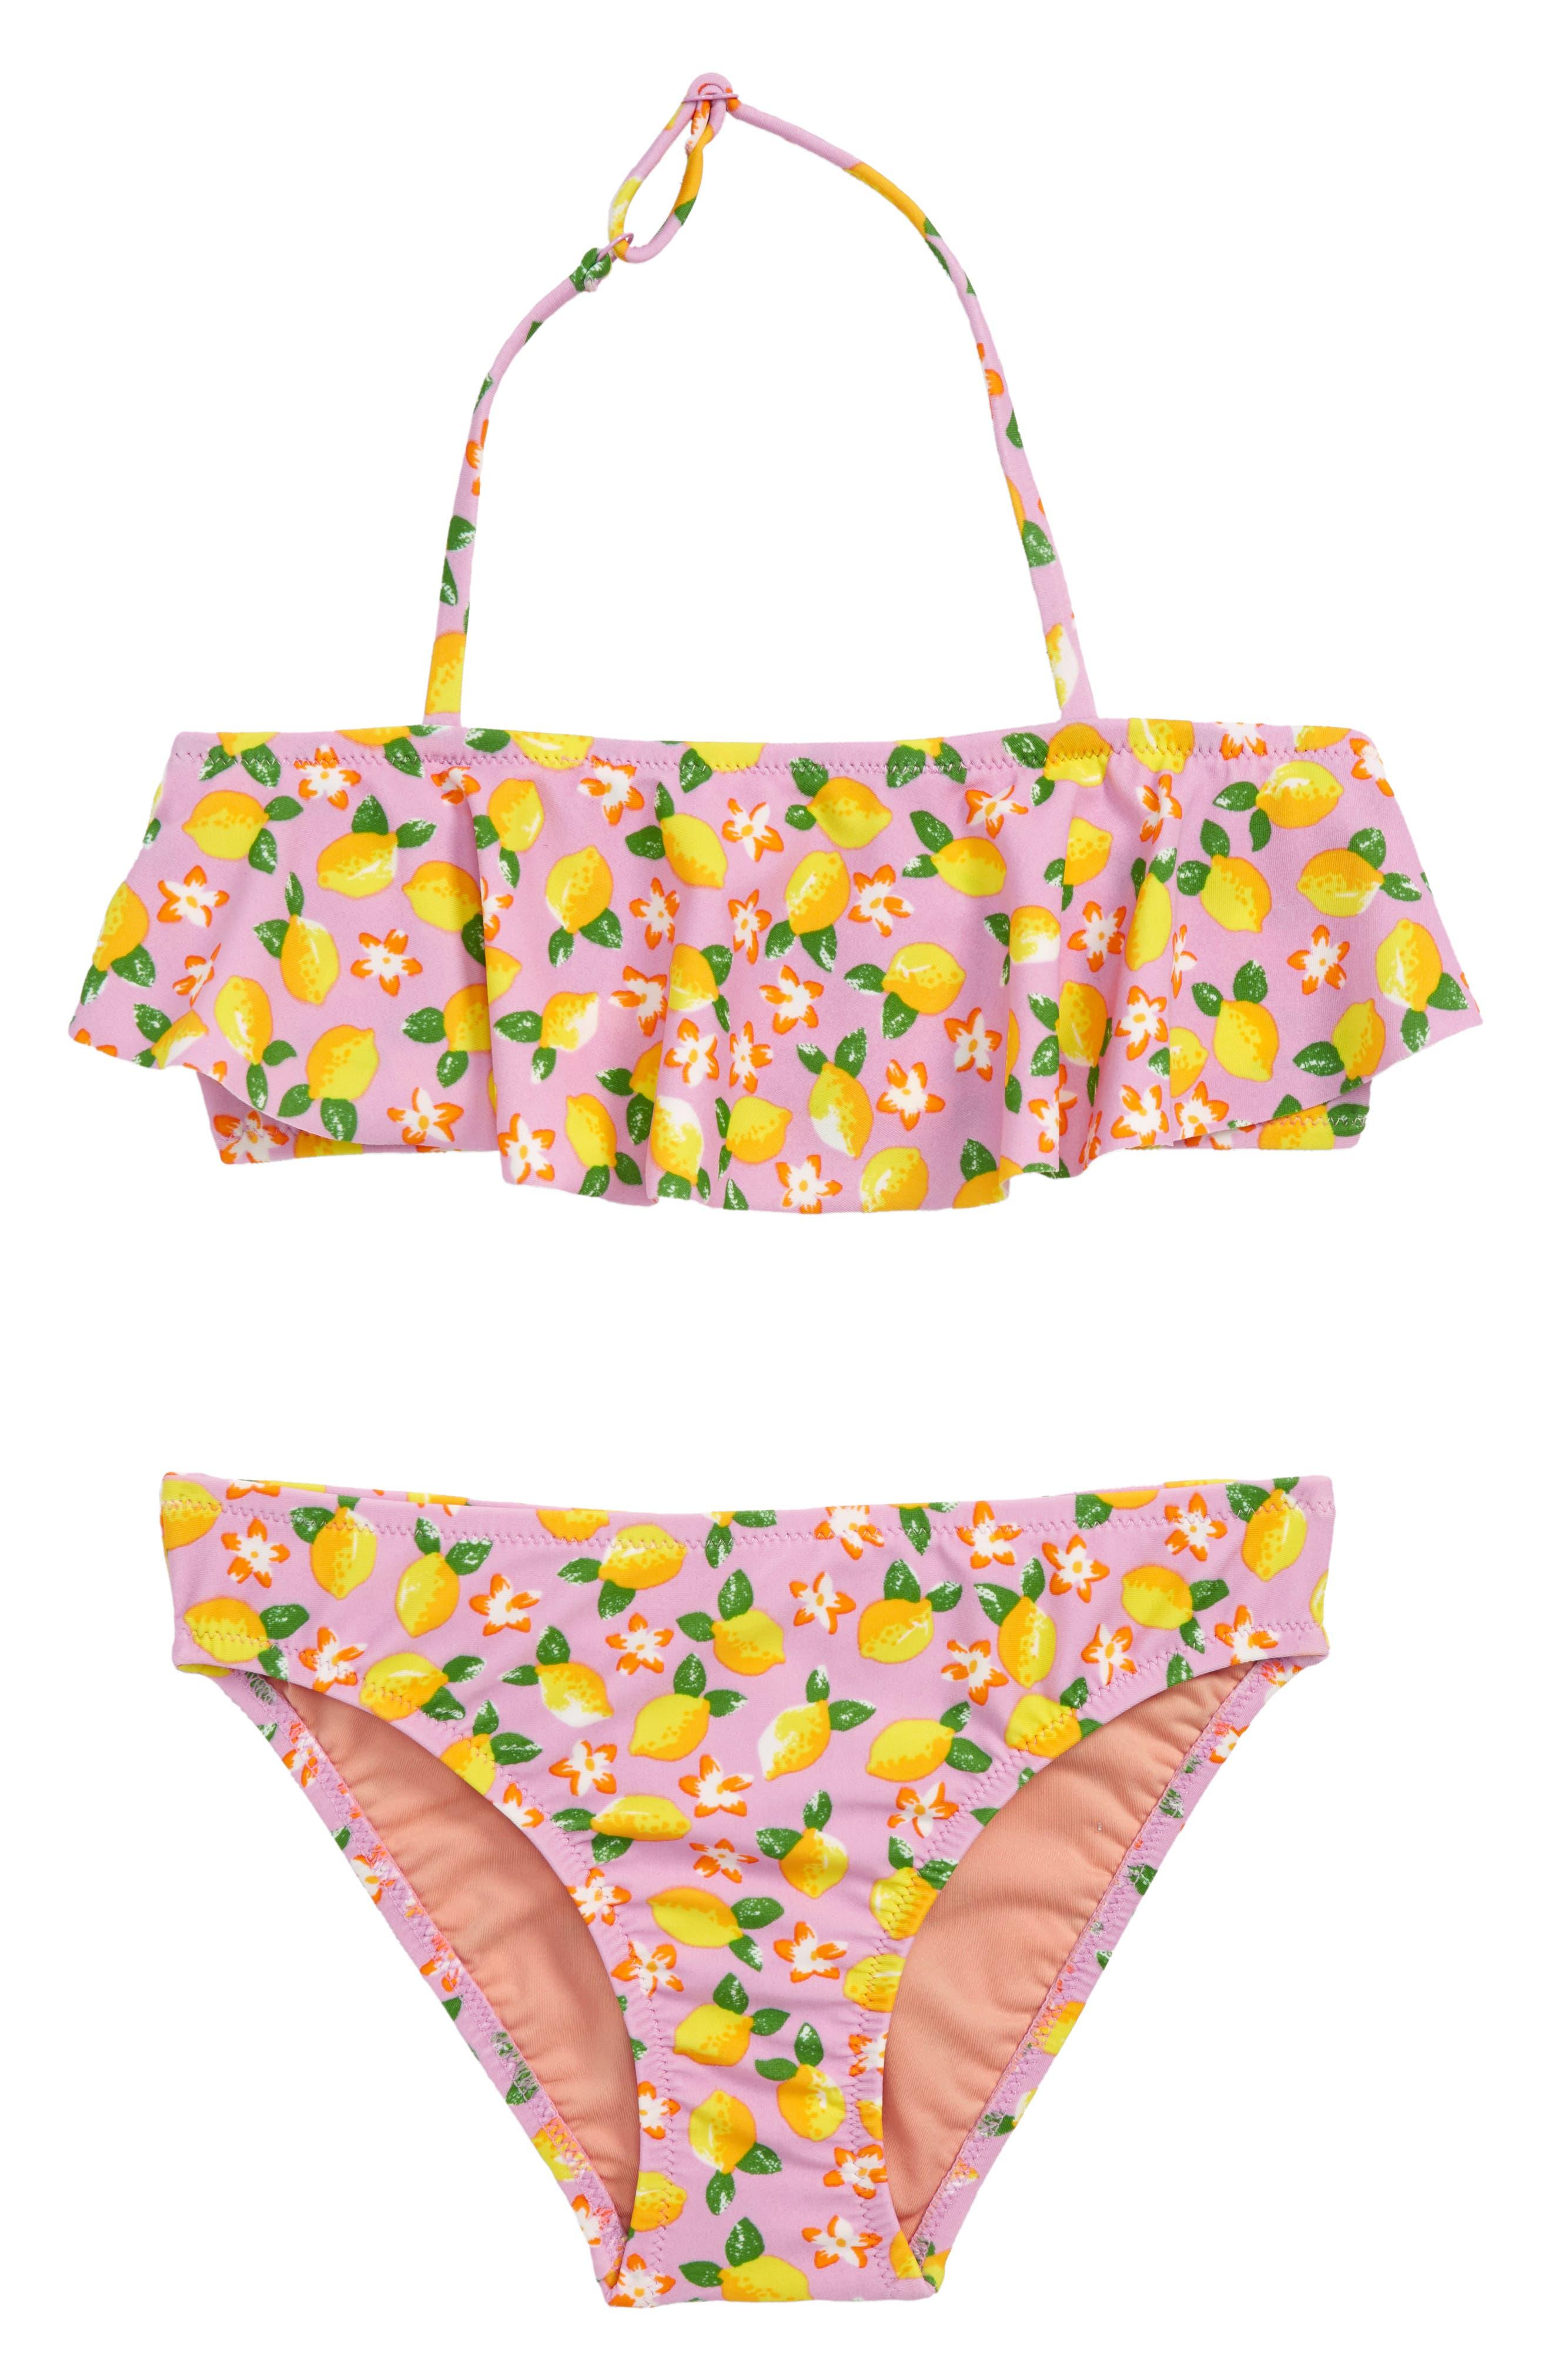 Lemon Print Ruffle Two-Piece Swimsuit,                         Main,                         color, Lemon Multi